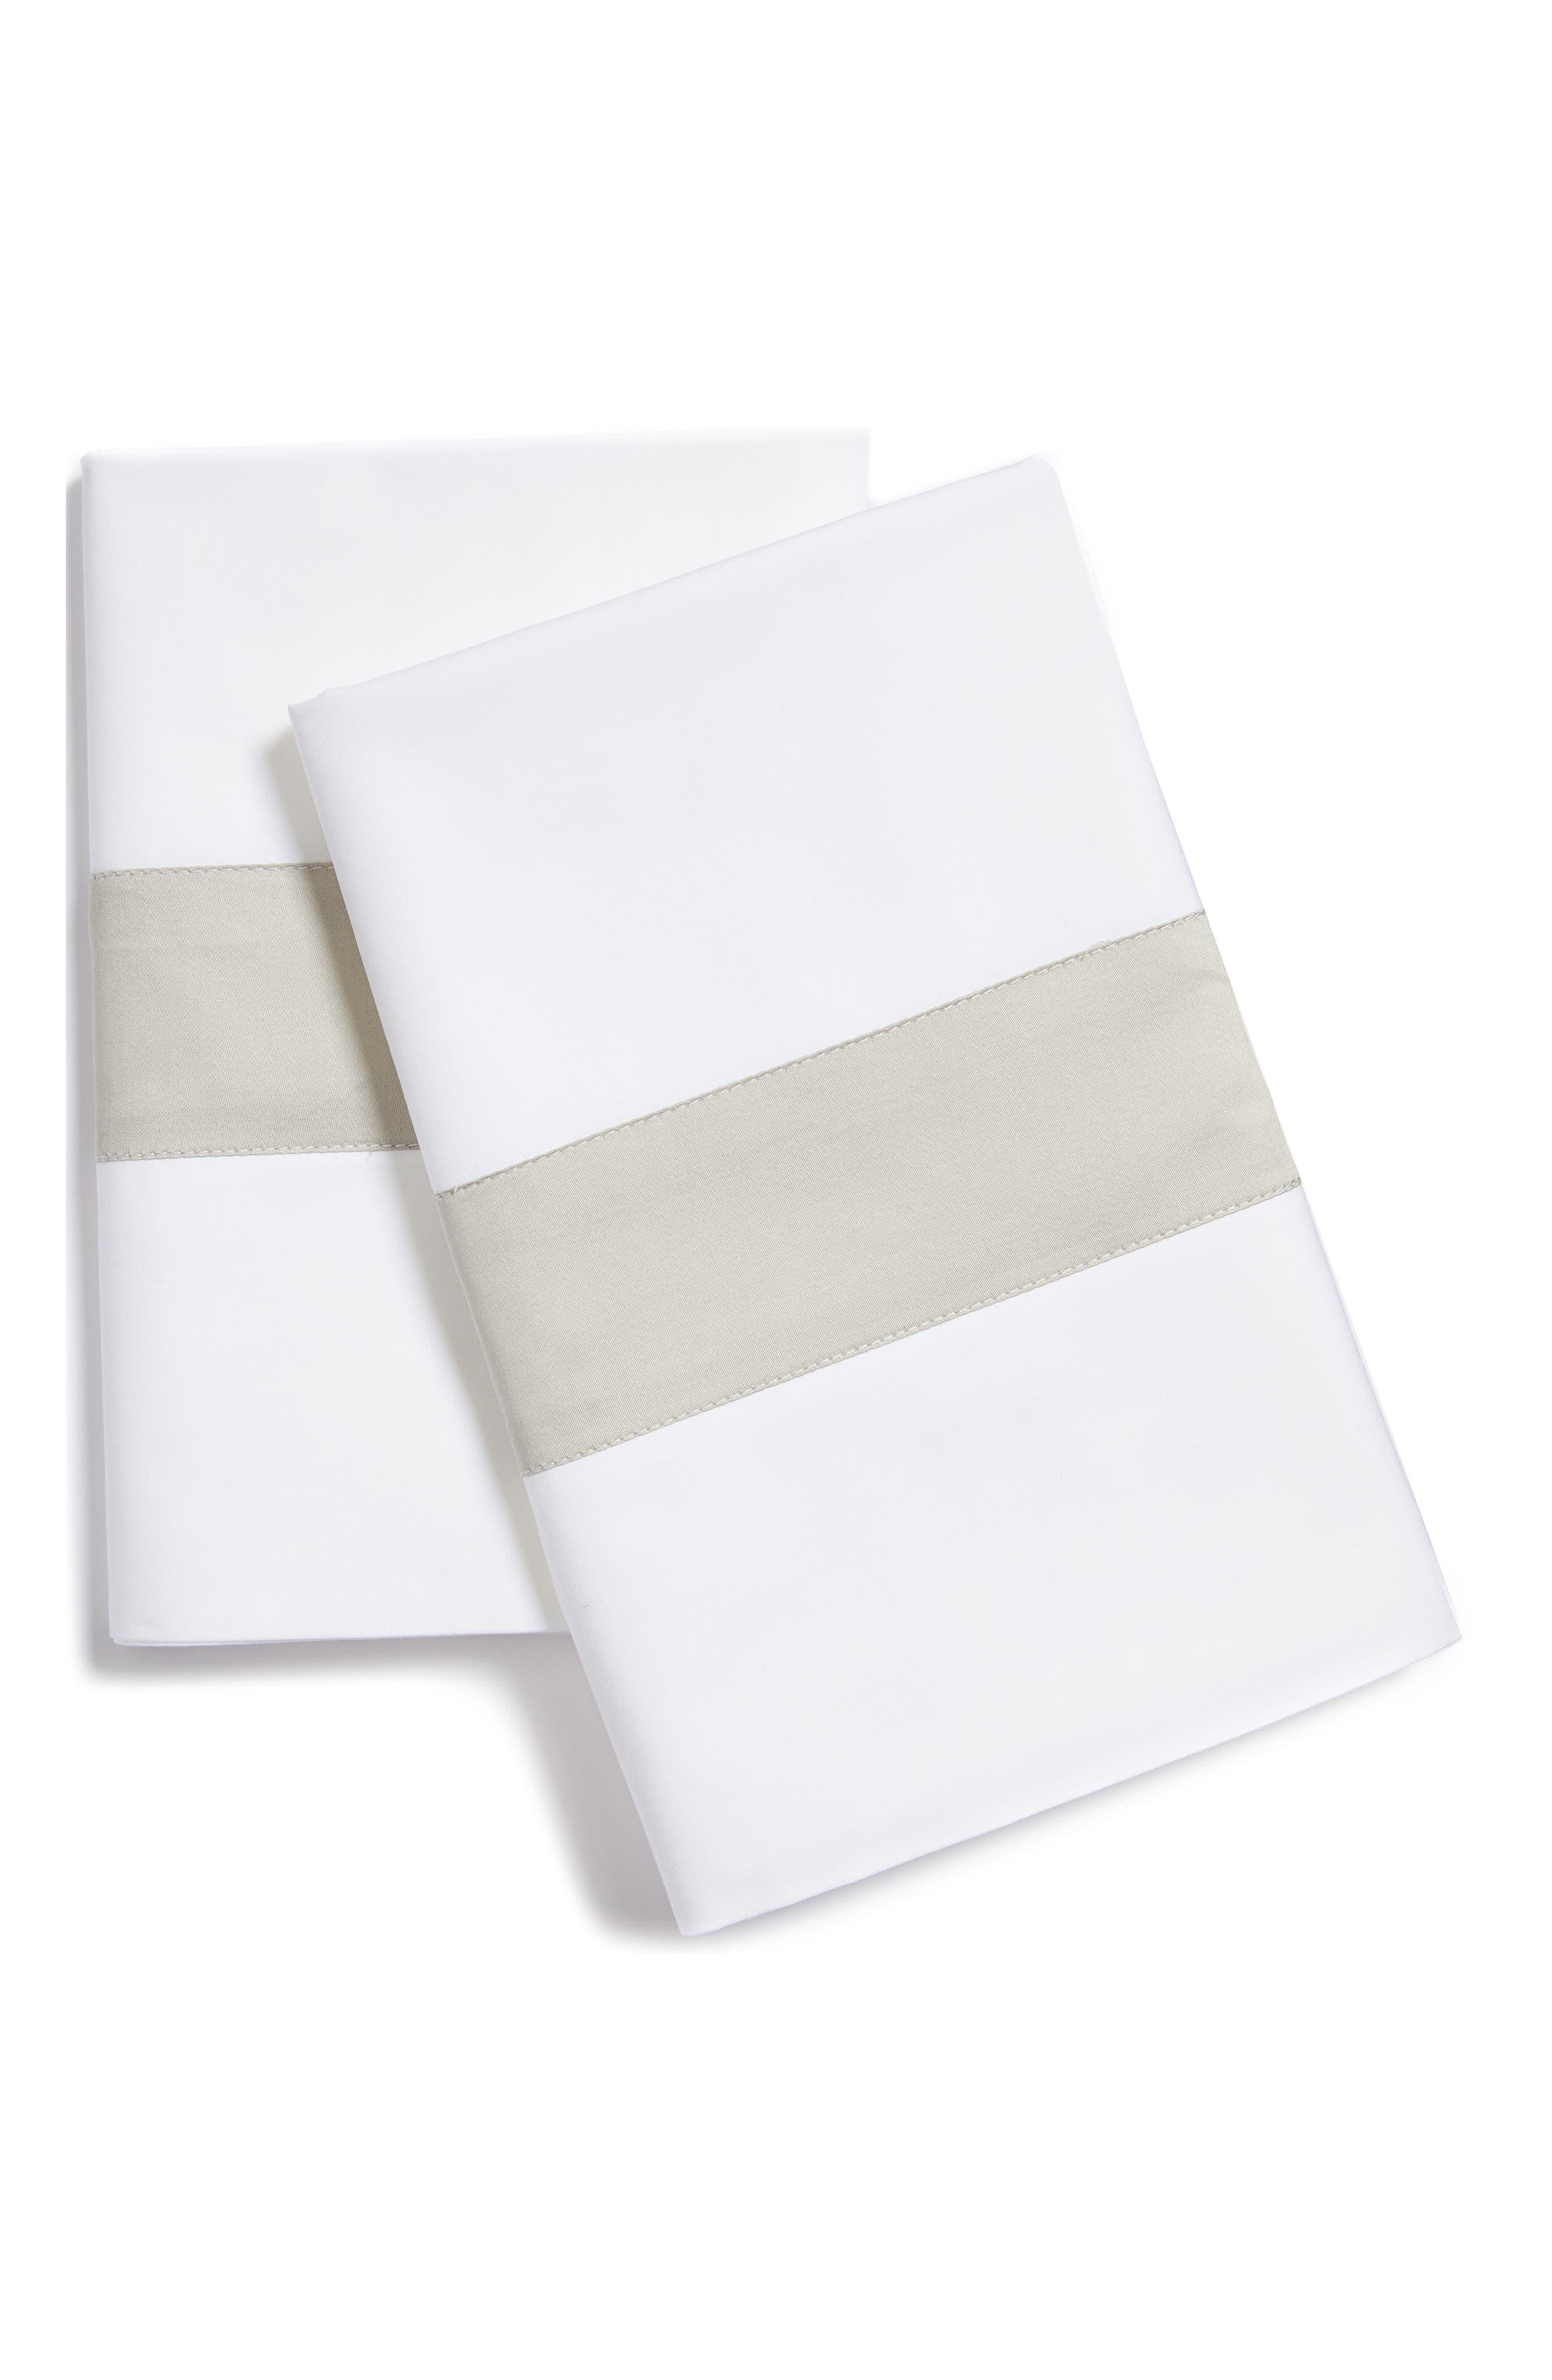 Orlo Pillowcase,                         Main,                         color, 020